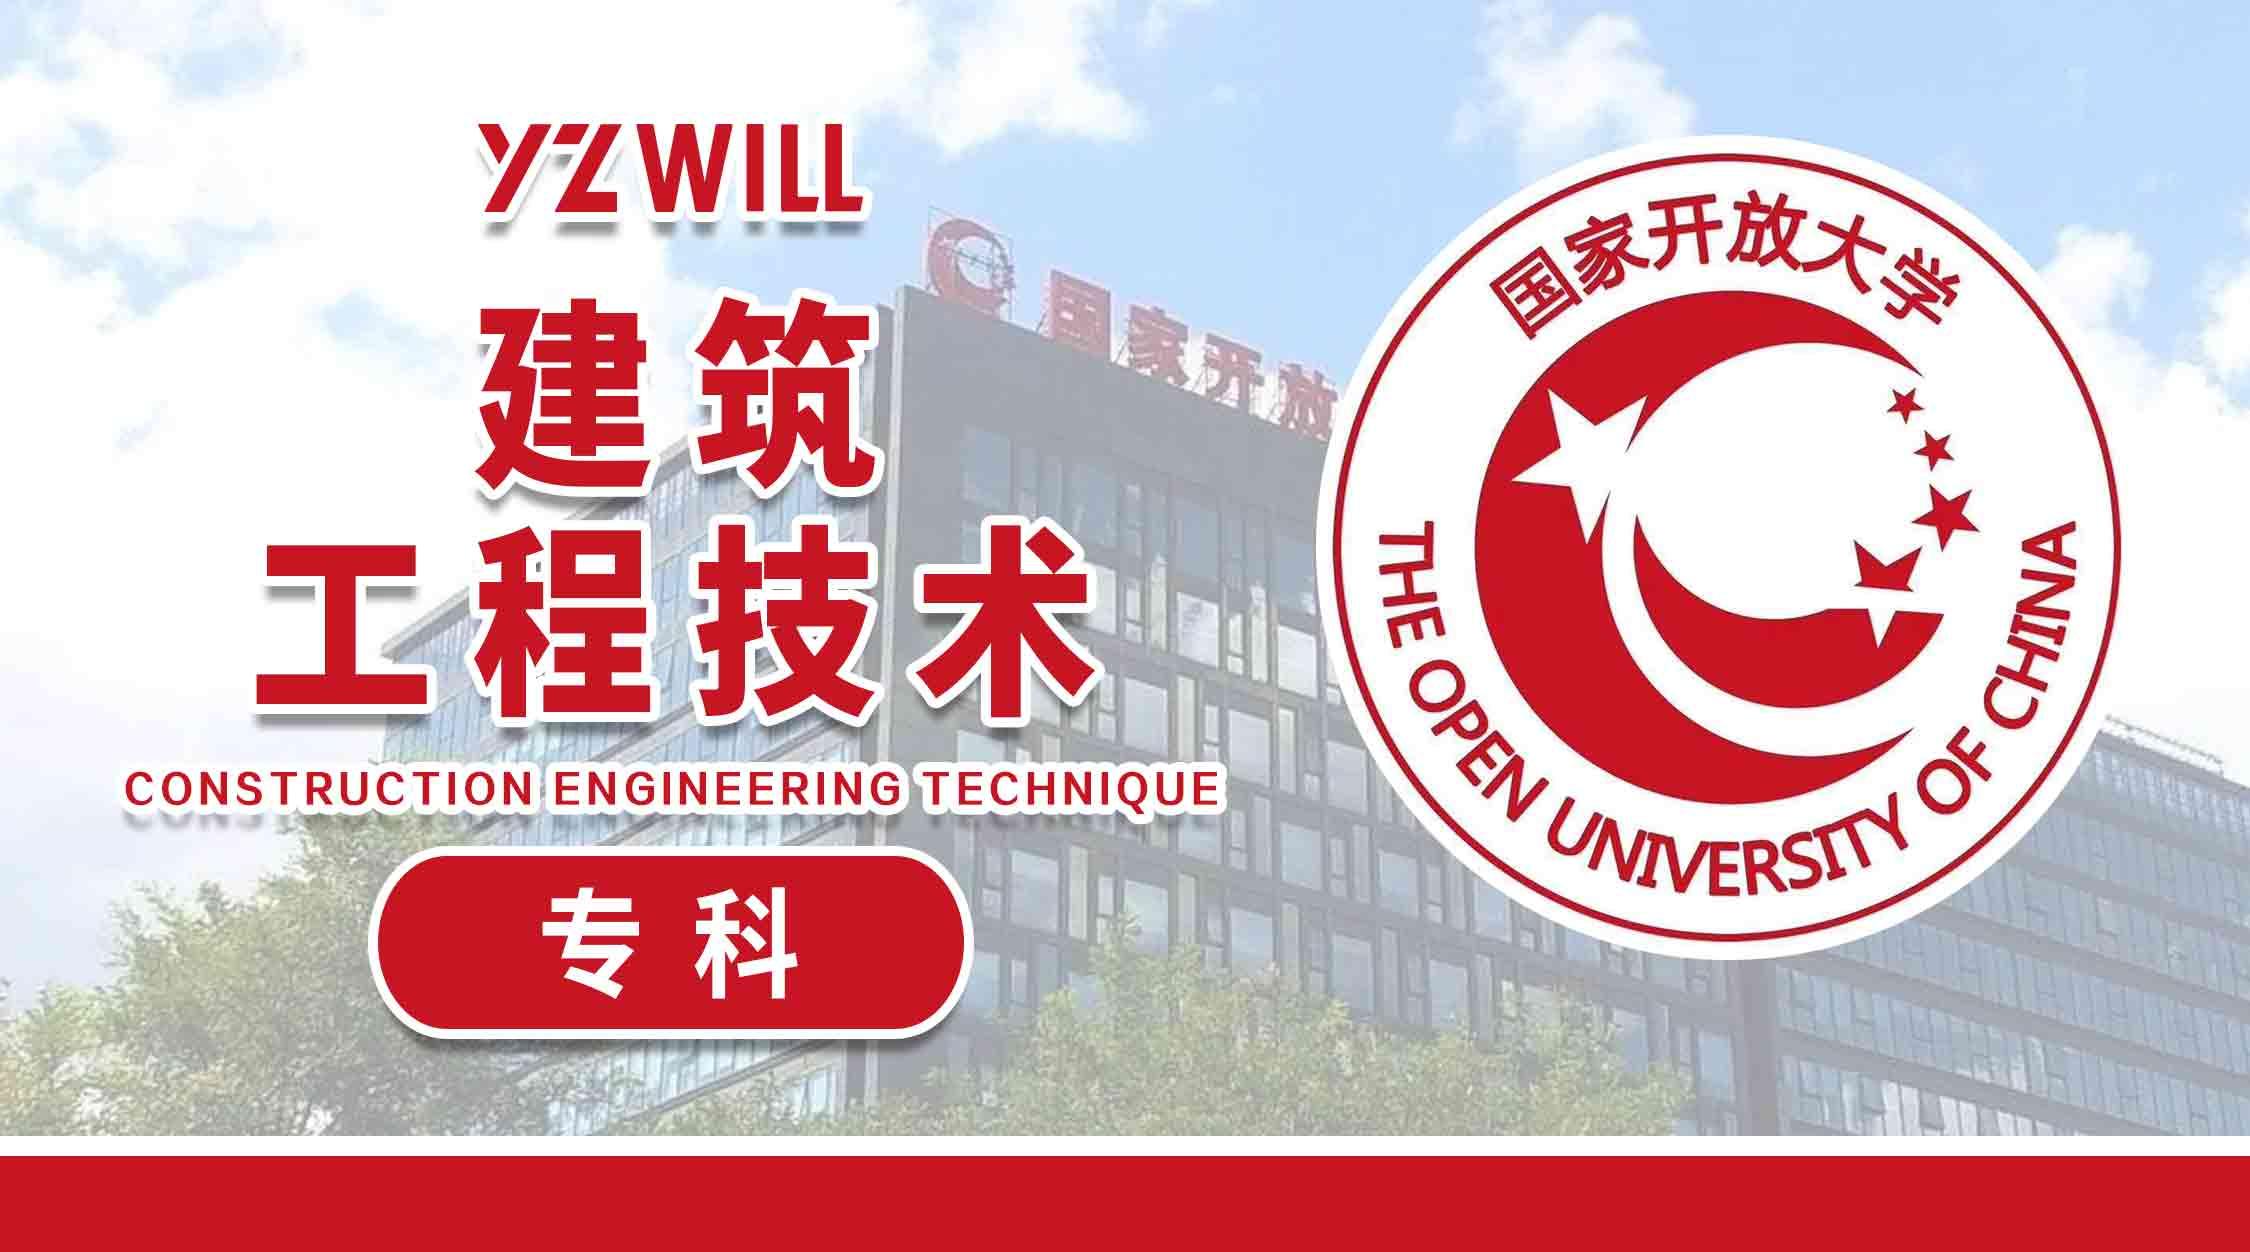 建筑工程技术(专科202003)